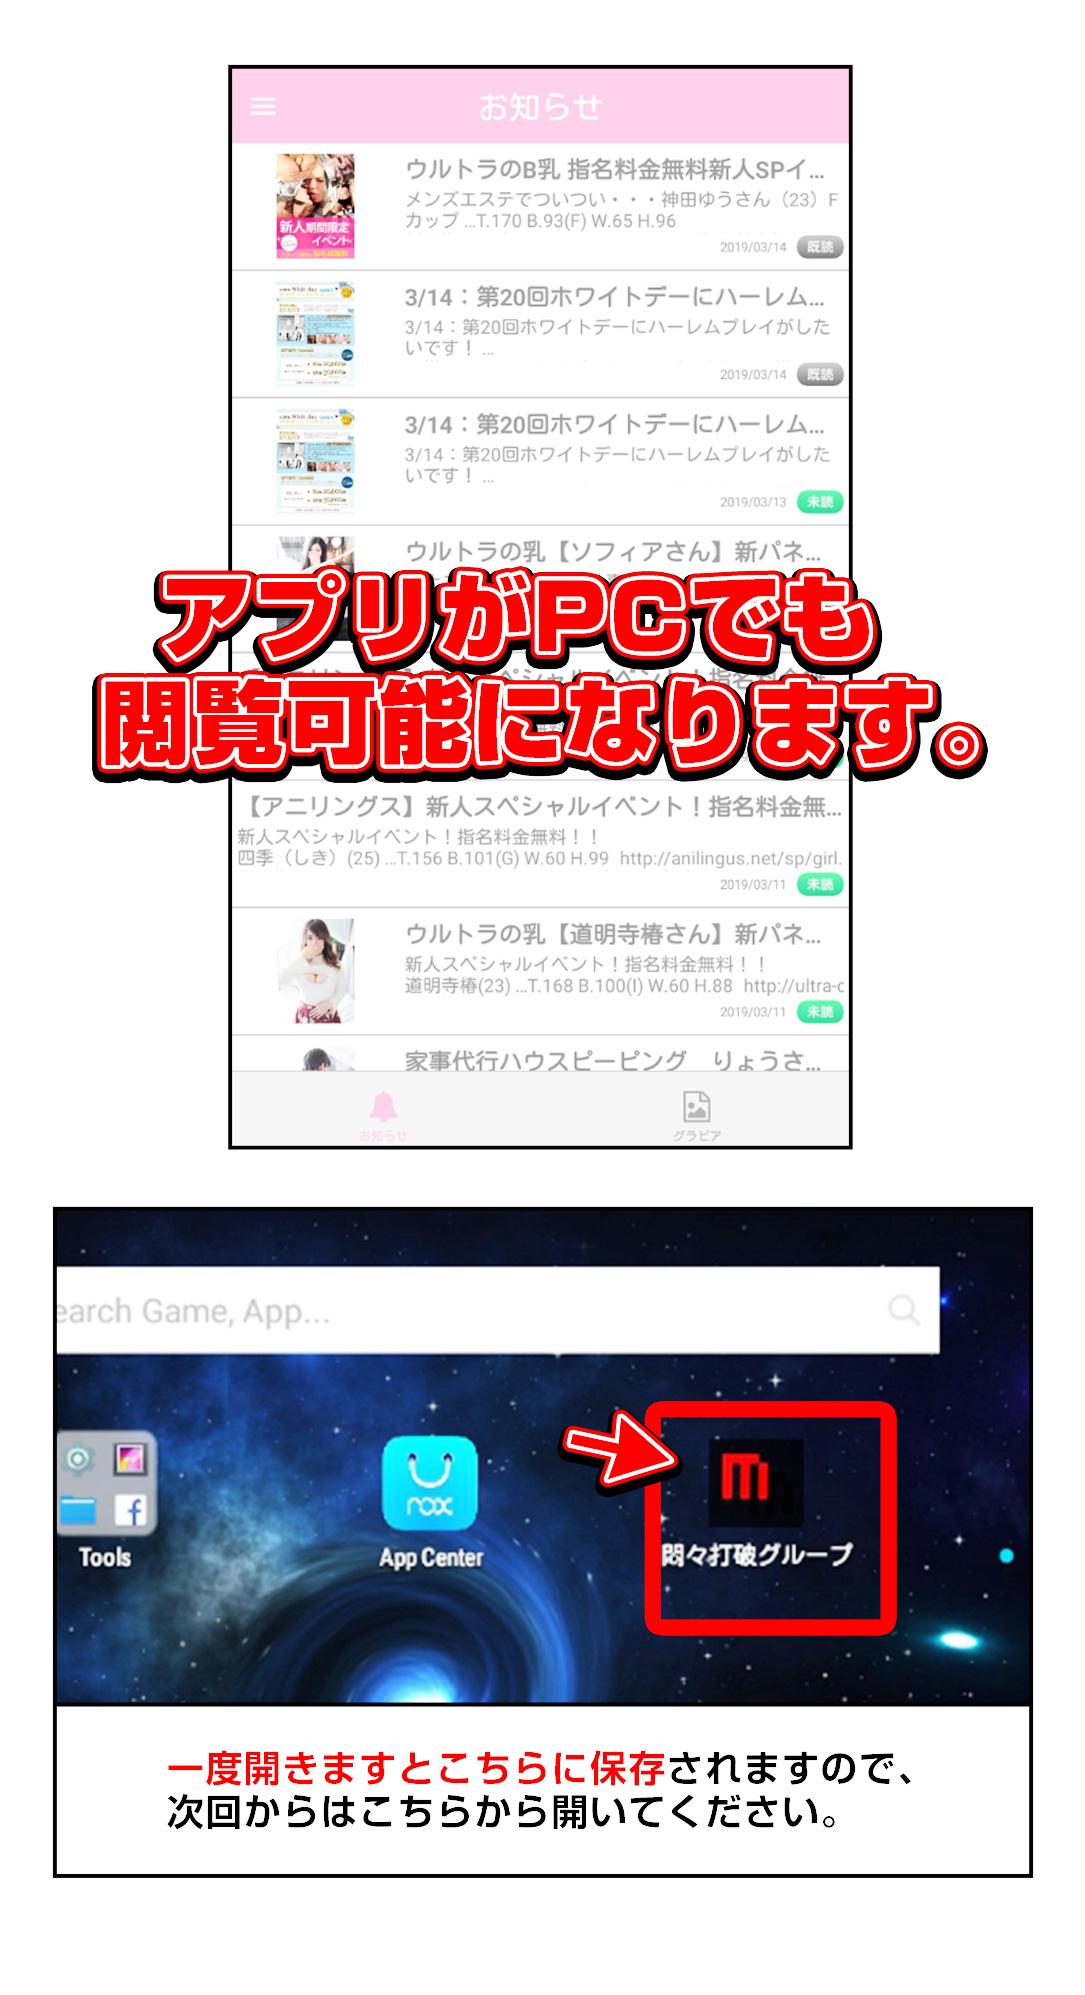 iphoneユーザーに朗報!PCで悶々打破公式アプリを利用するには!03